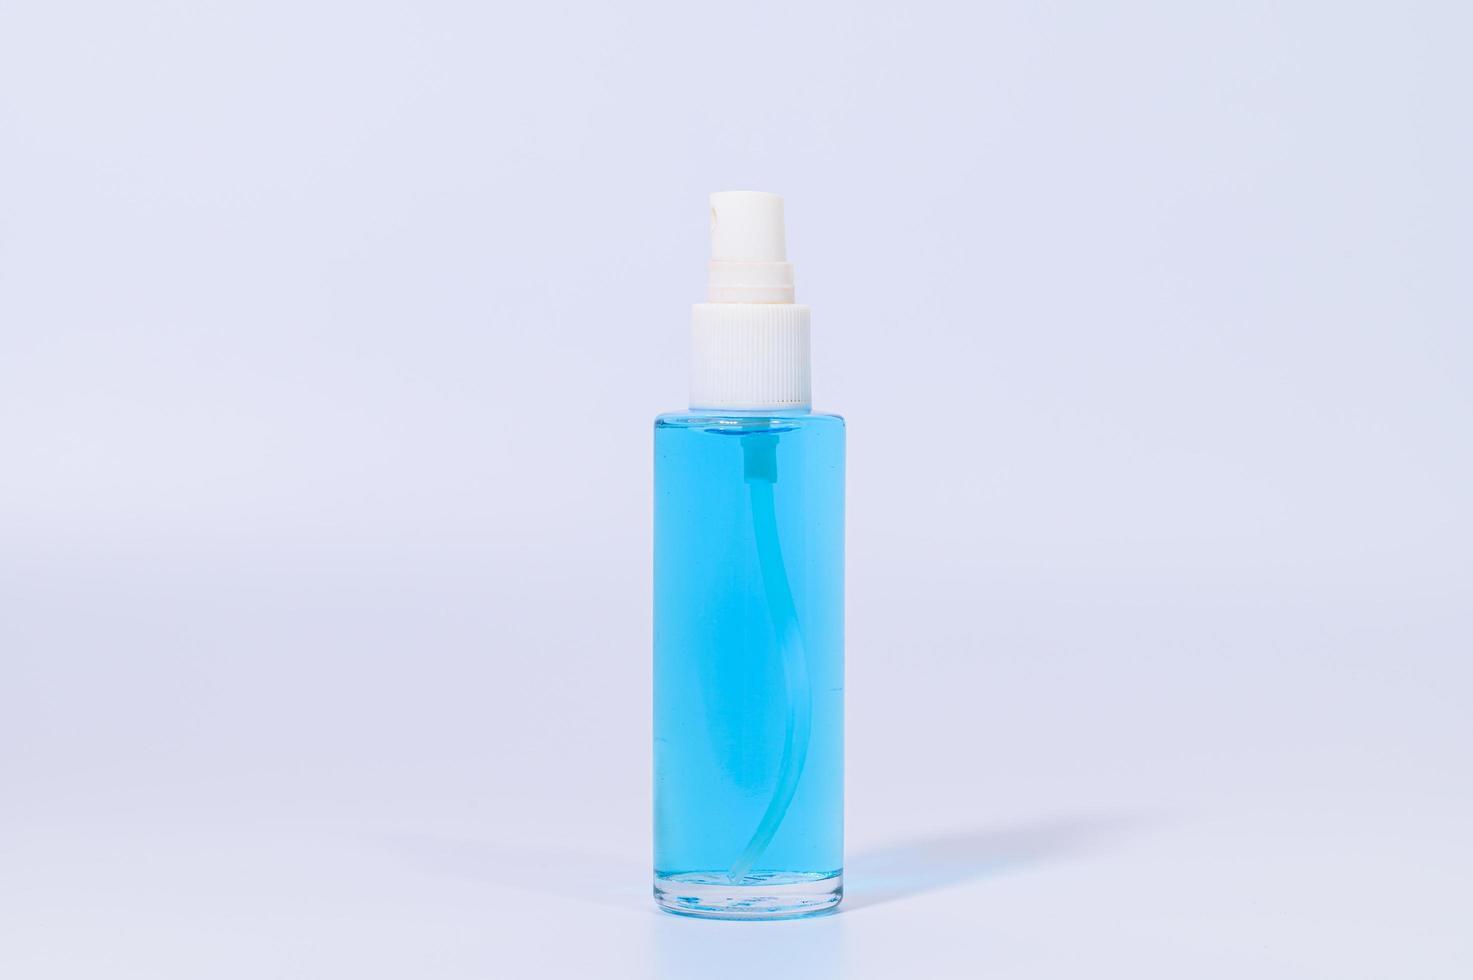 alcoholgel met blauwe vloeistof foto